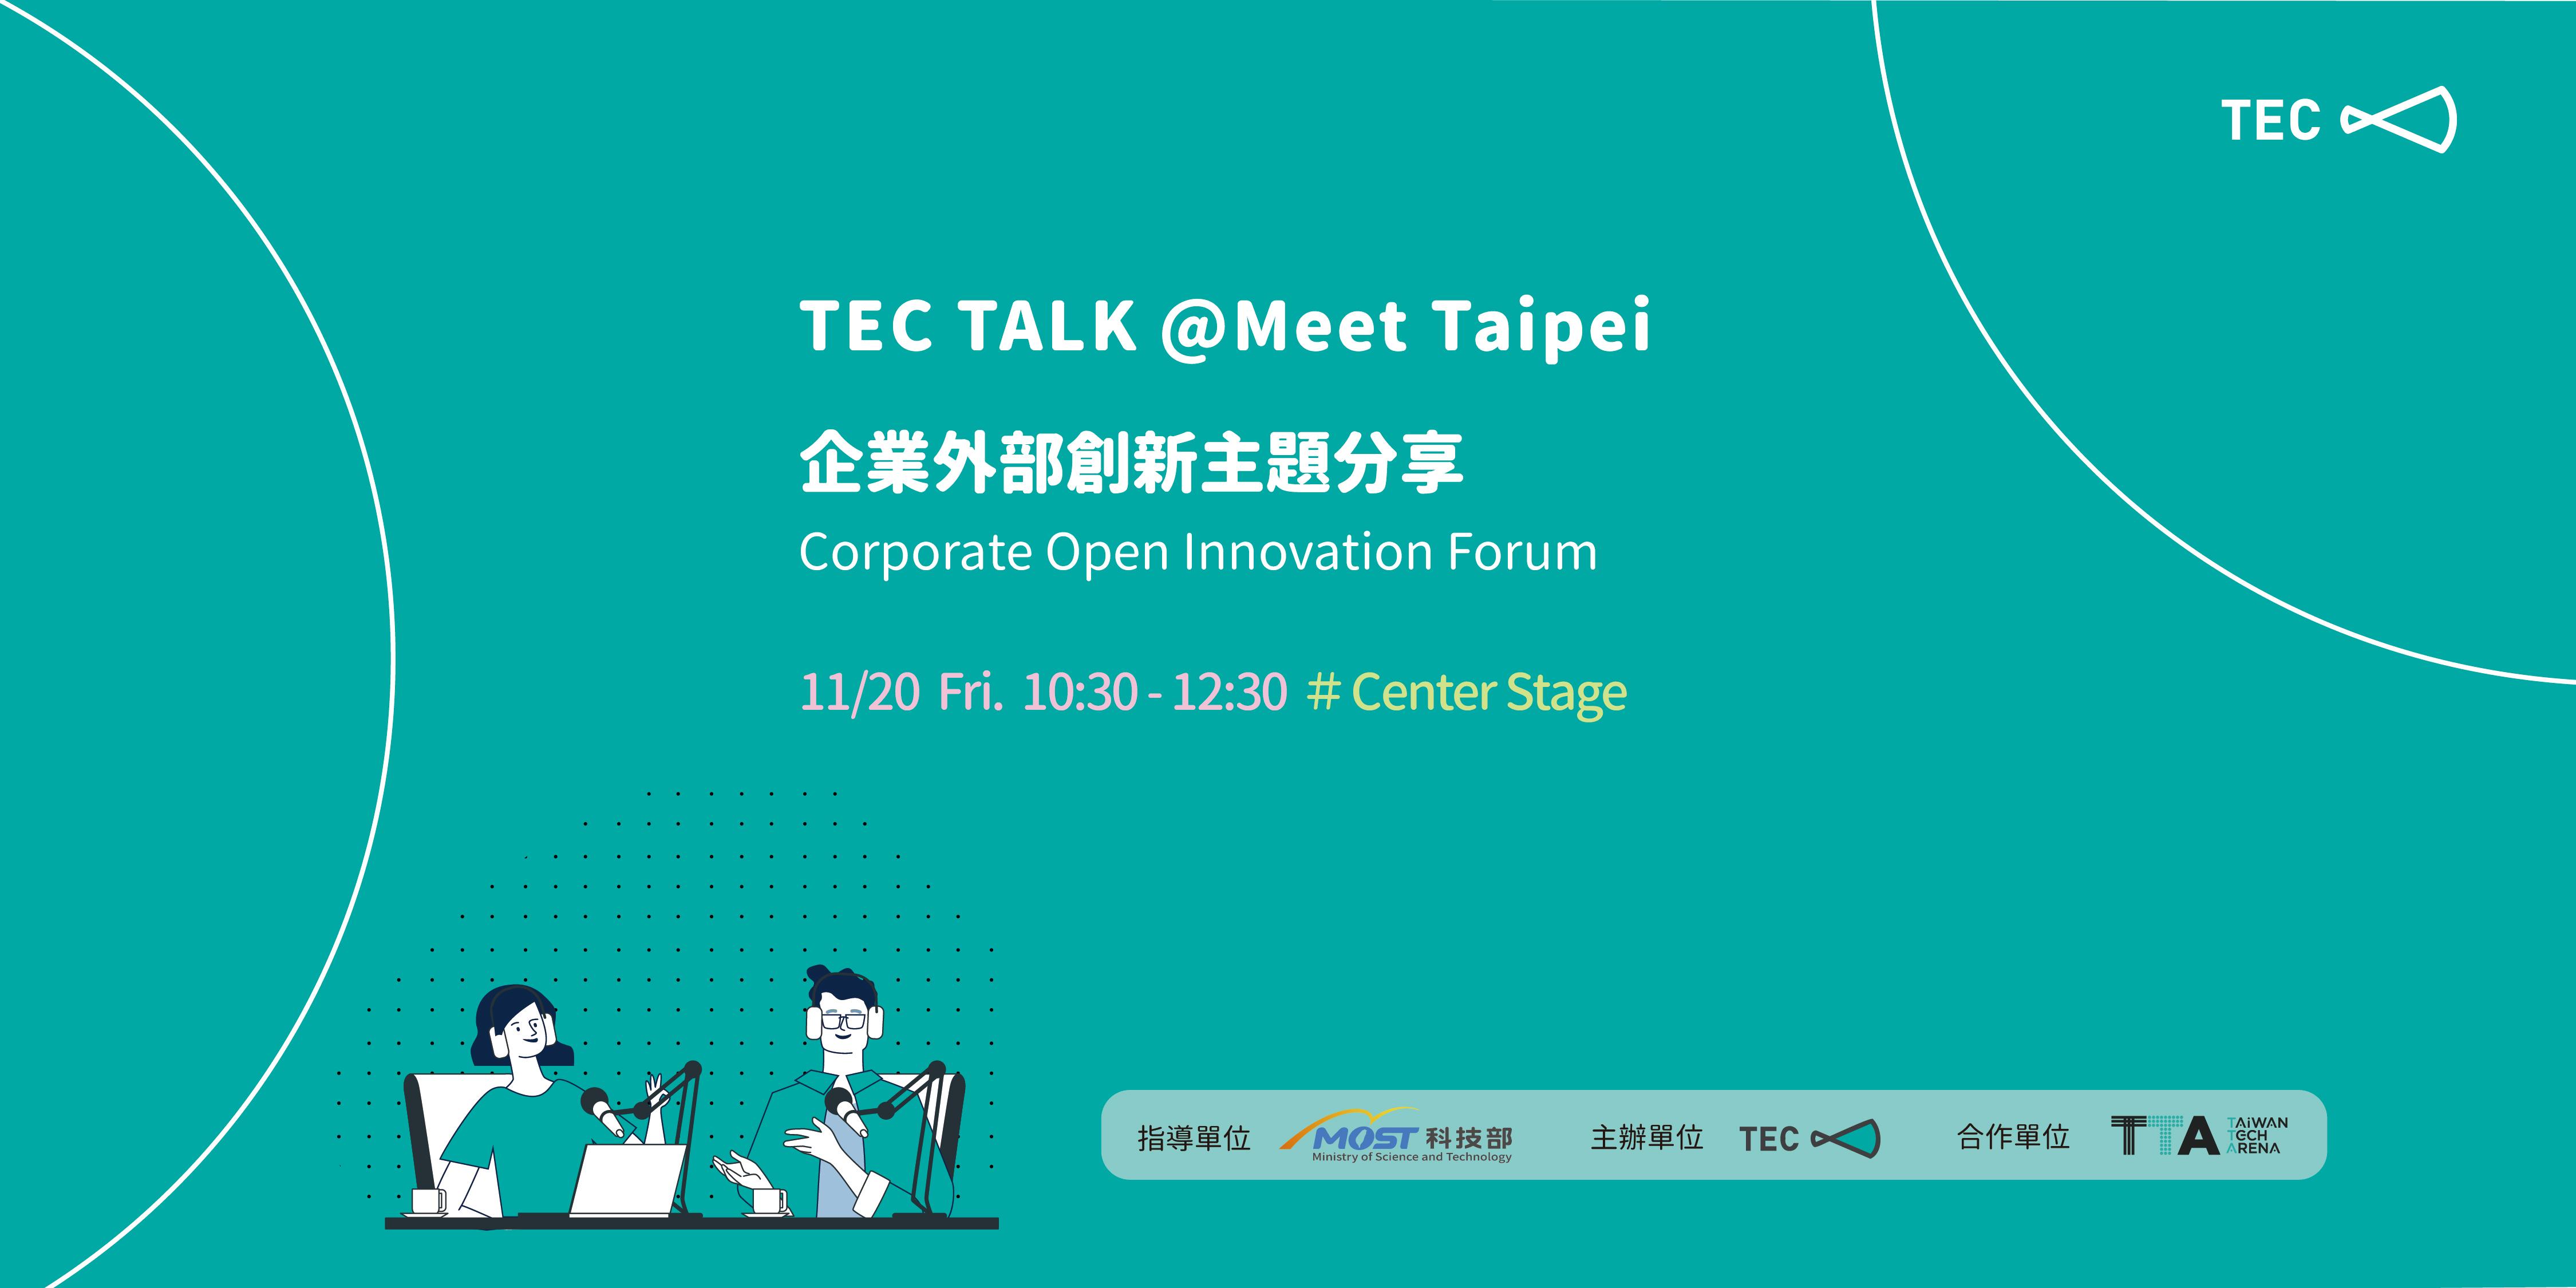 TEC TALK|Corporate Open Innovation Forum